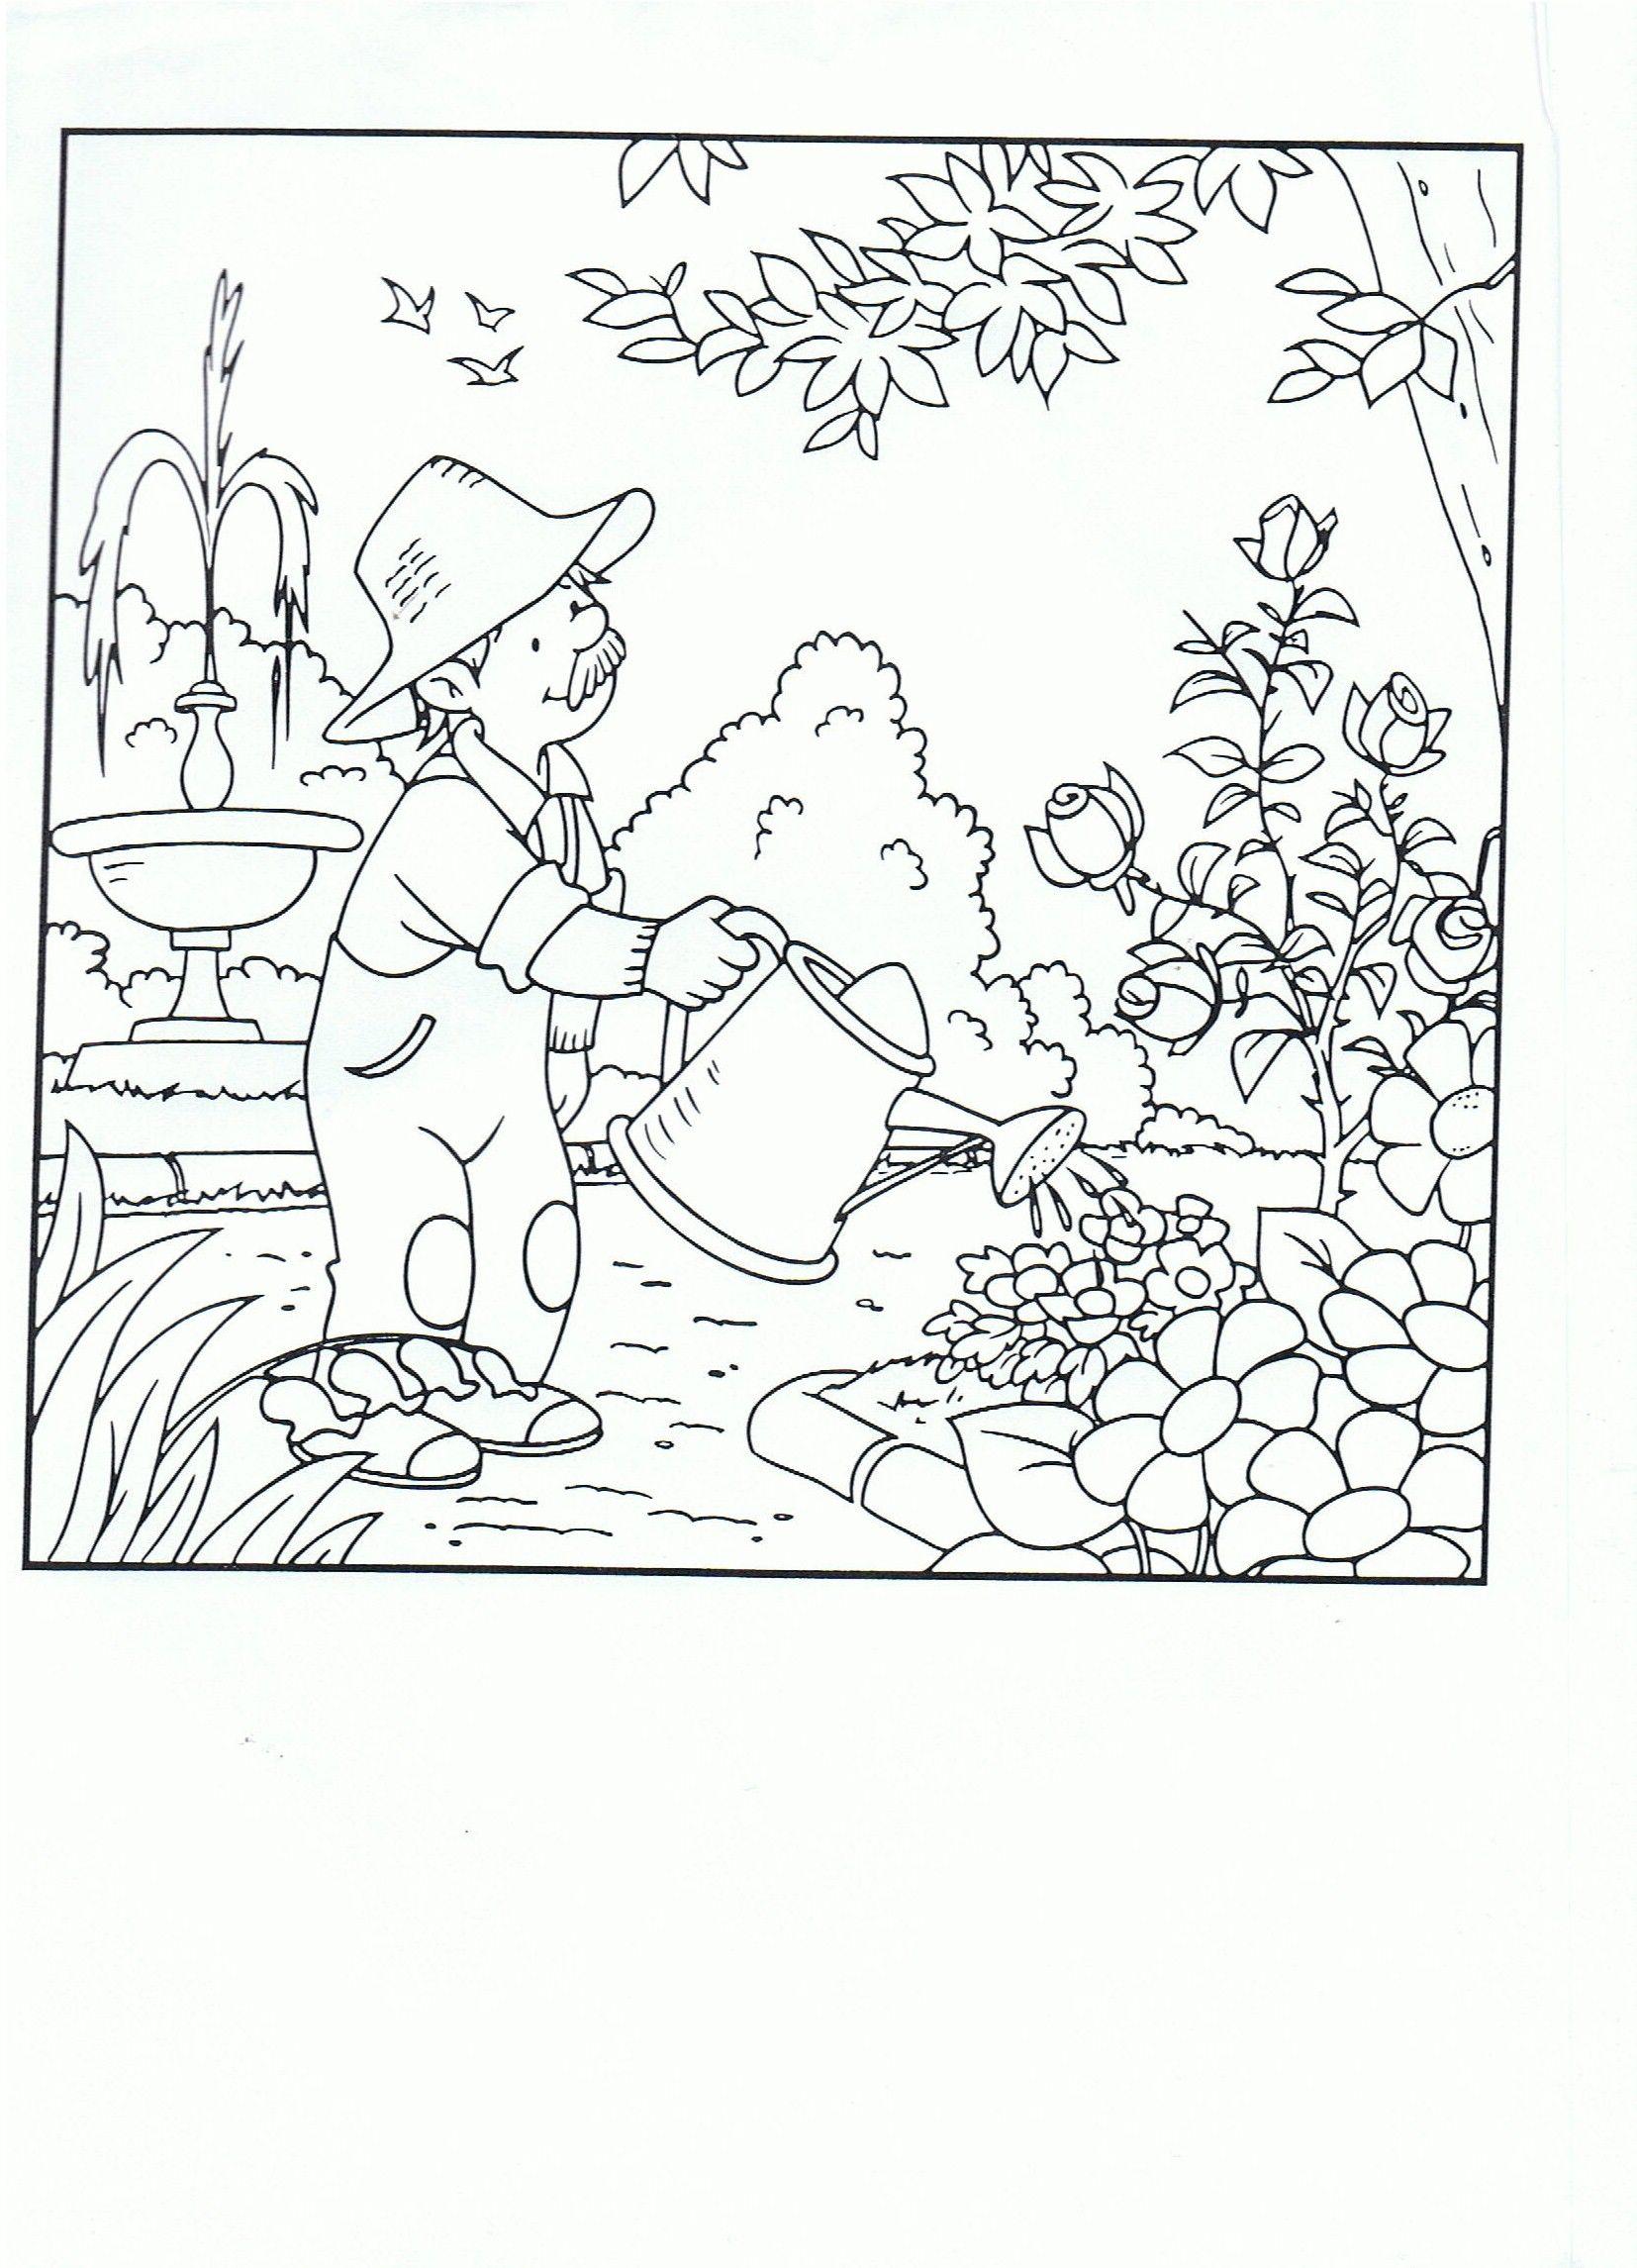 Pin Van Turkan Op Tuinen Thema Bloemen Winkels Kleurplaten